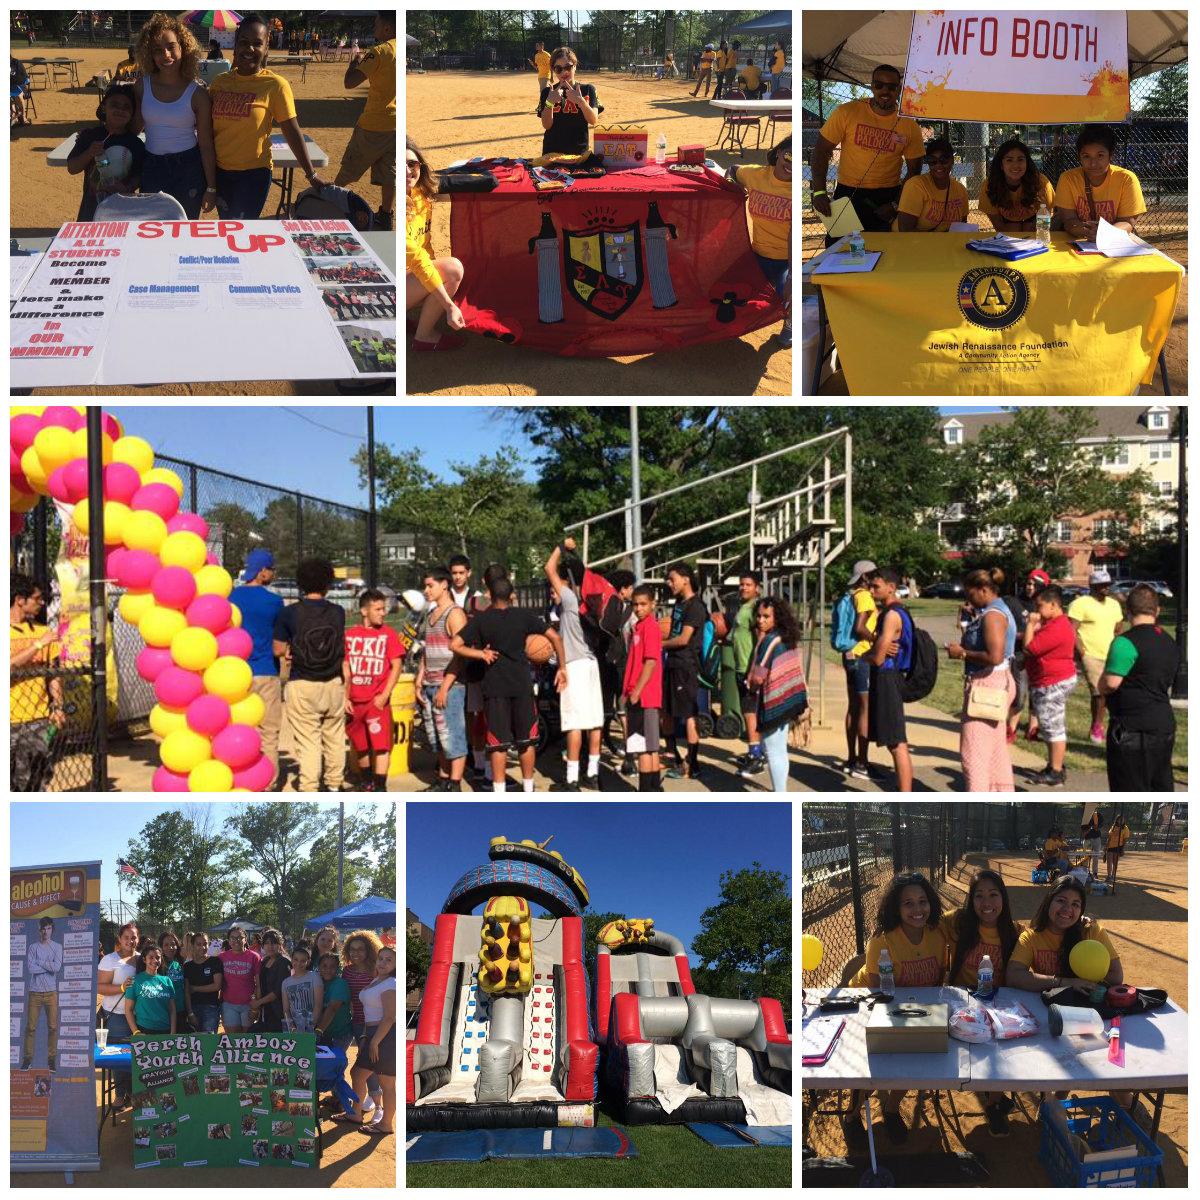 No Booza Palooza Teen Festival 2017